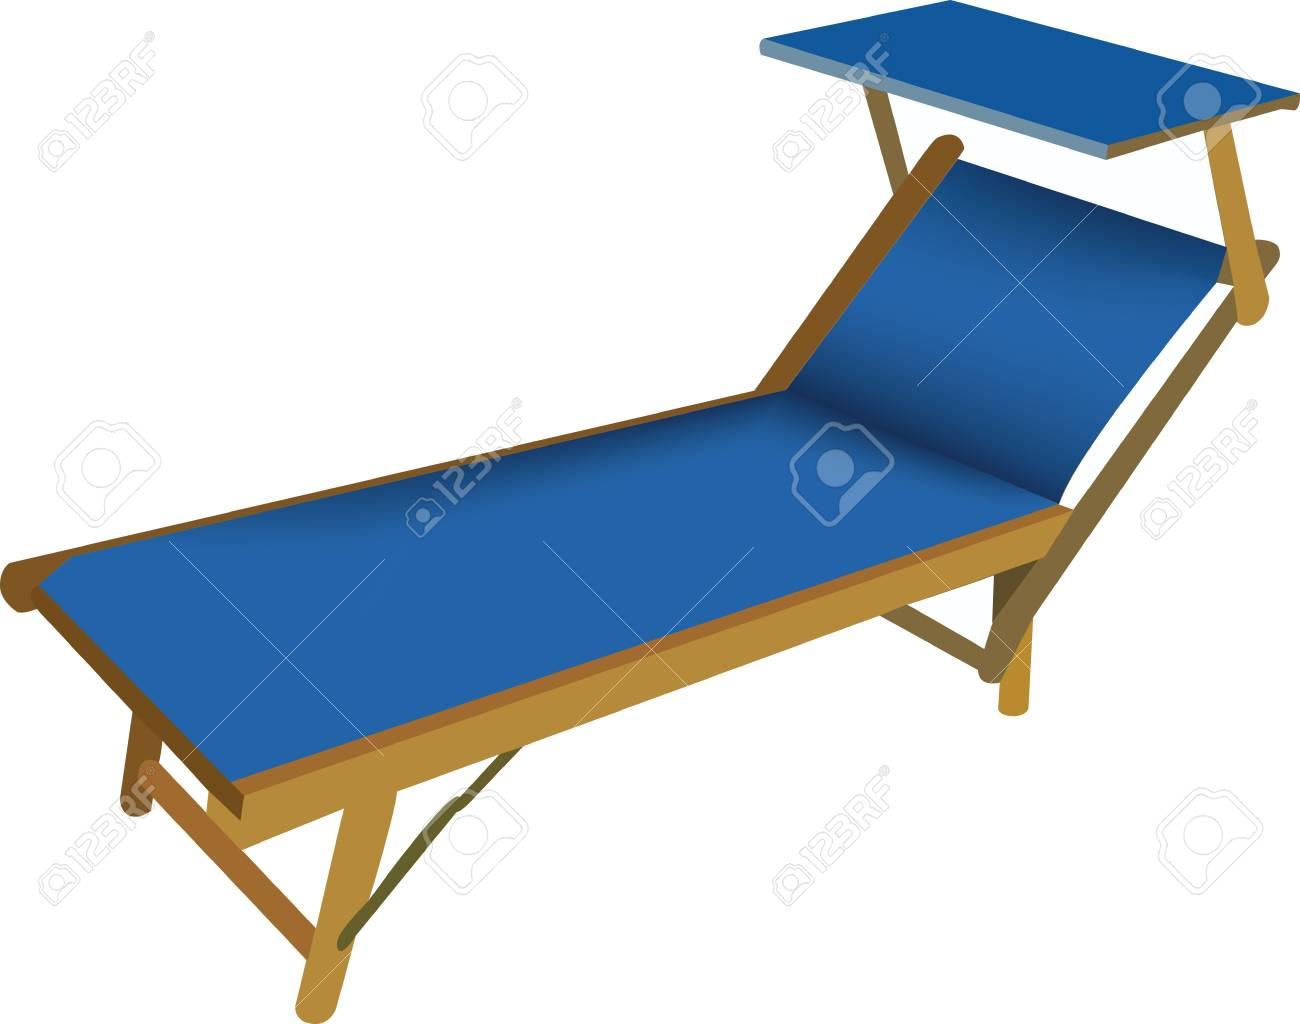 Sedie A Sdraio Da Mare.Vettoriale Sedia A Sdraio Da Spiaggia In Colore Blu Image 80876444